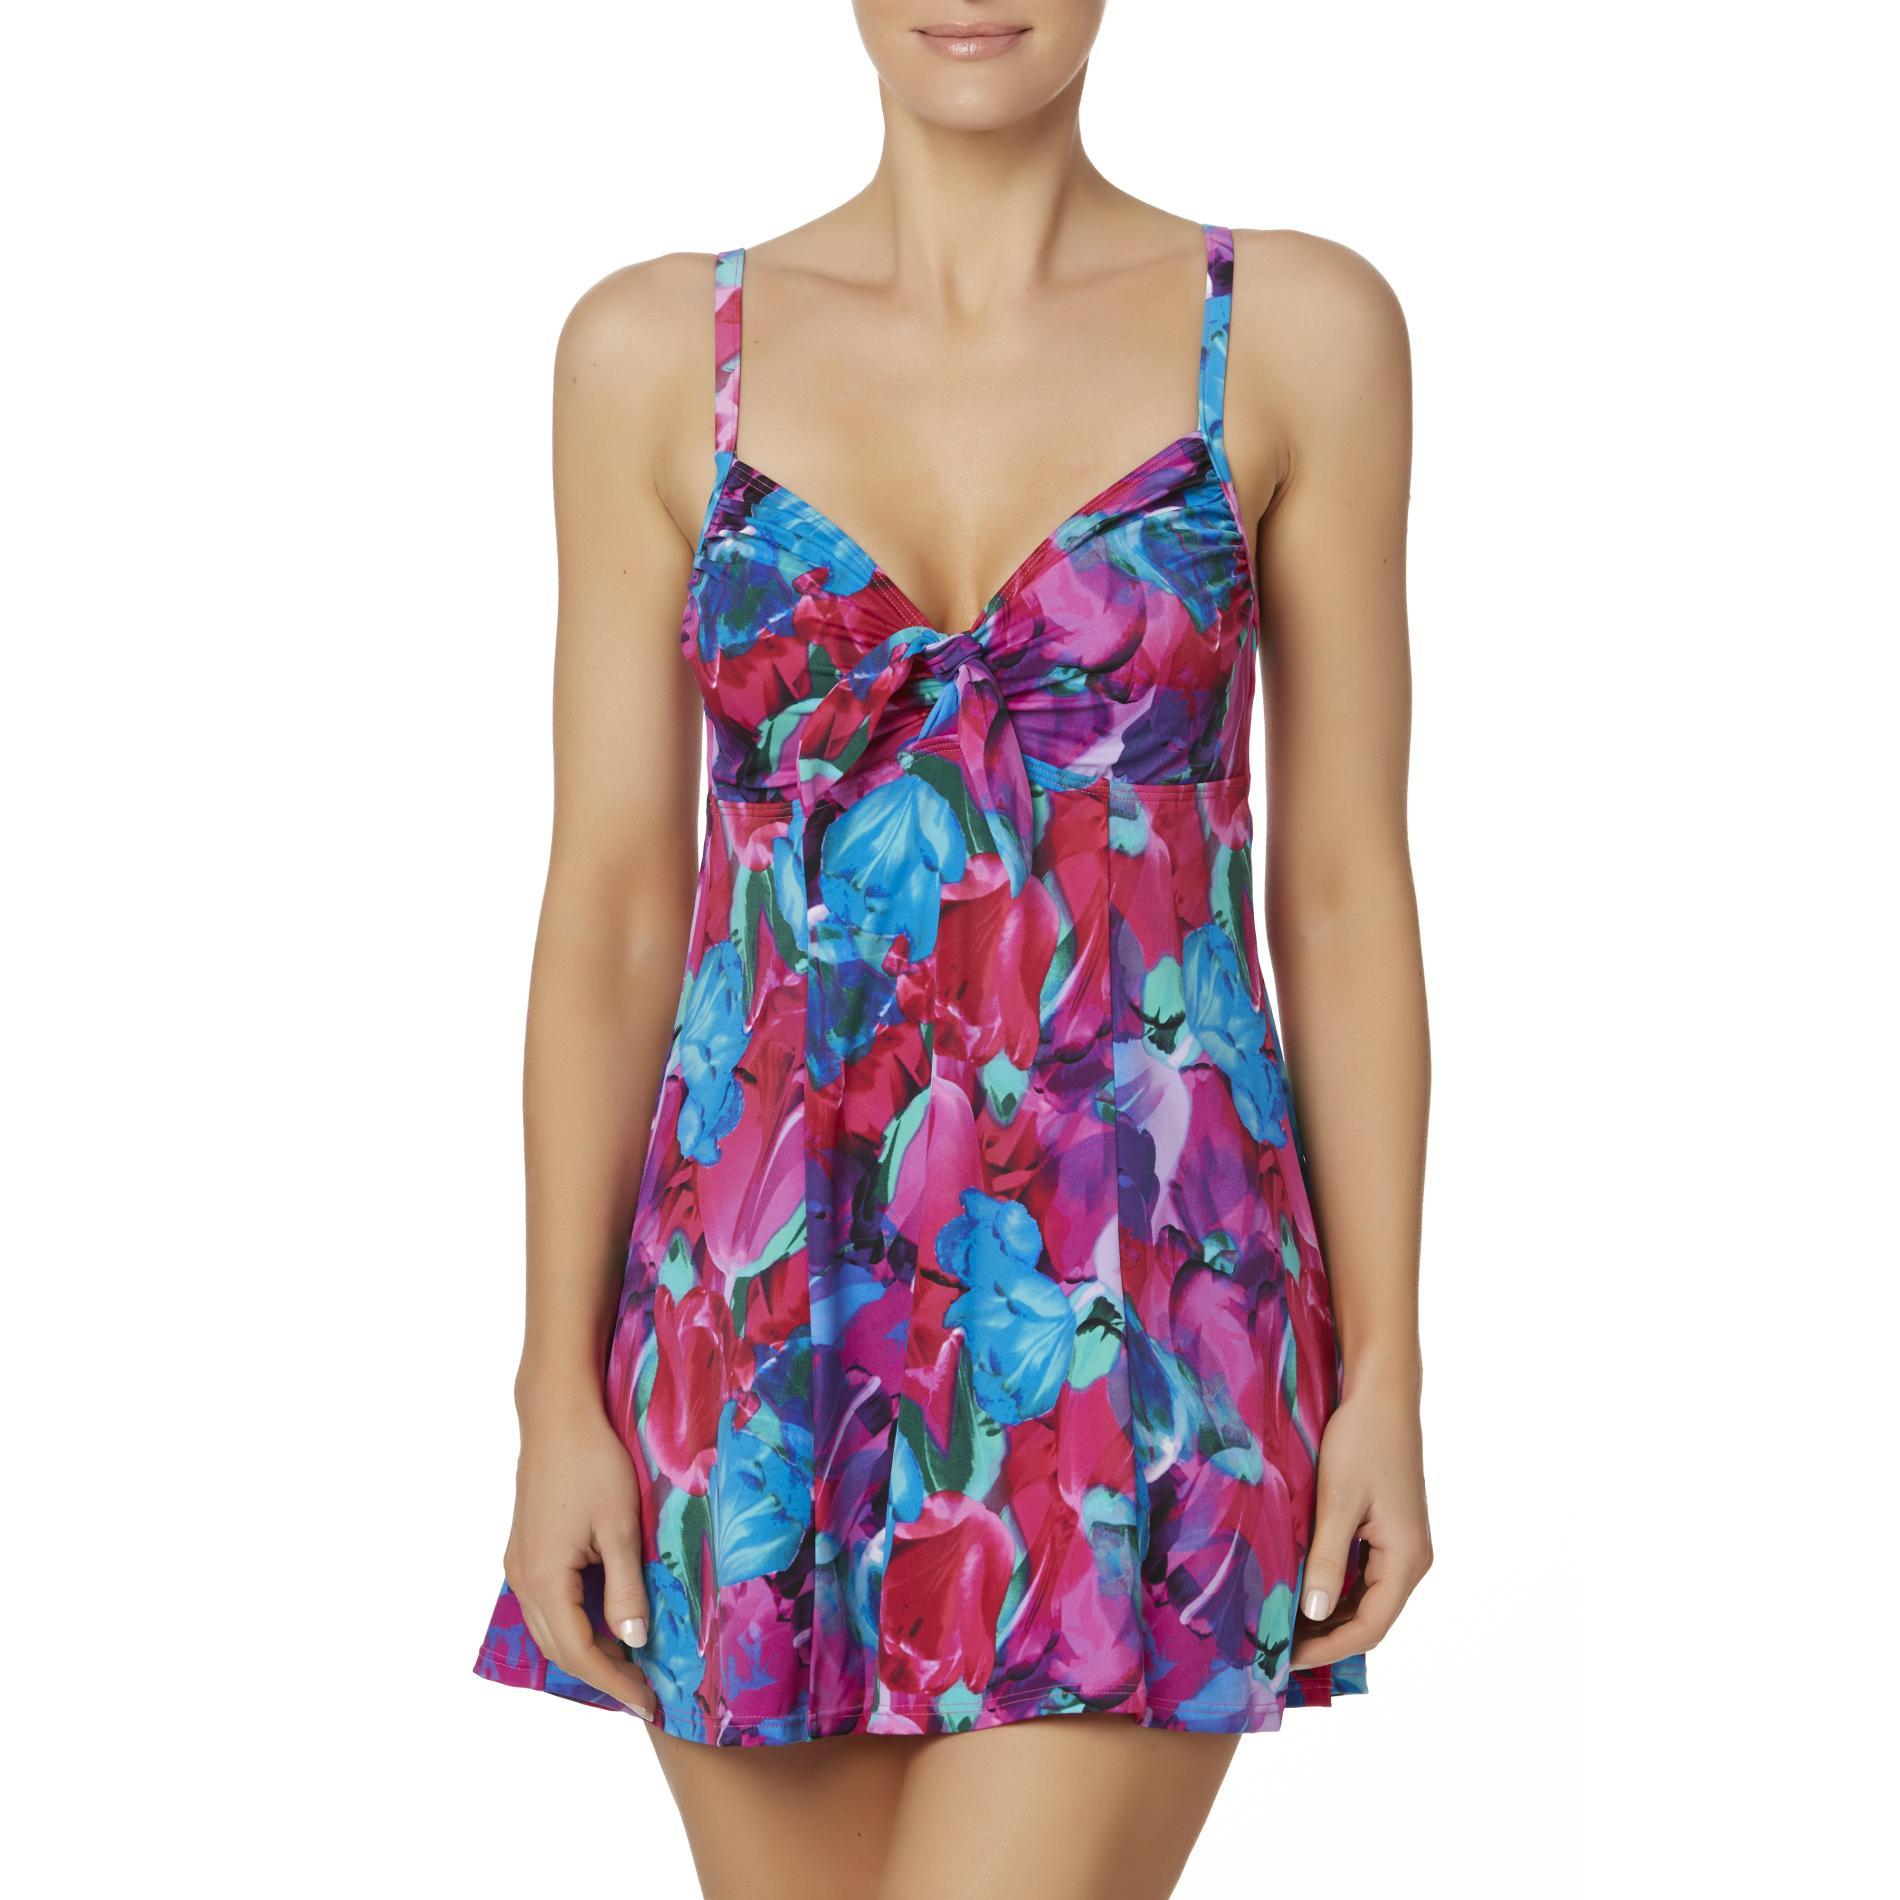 Shore Fit Women' Swim Dress - Floral